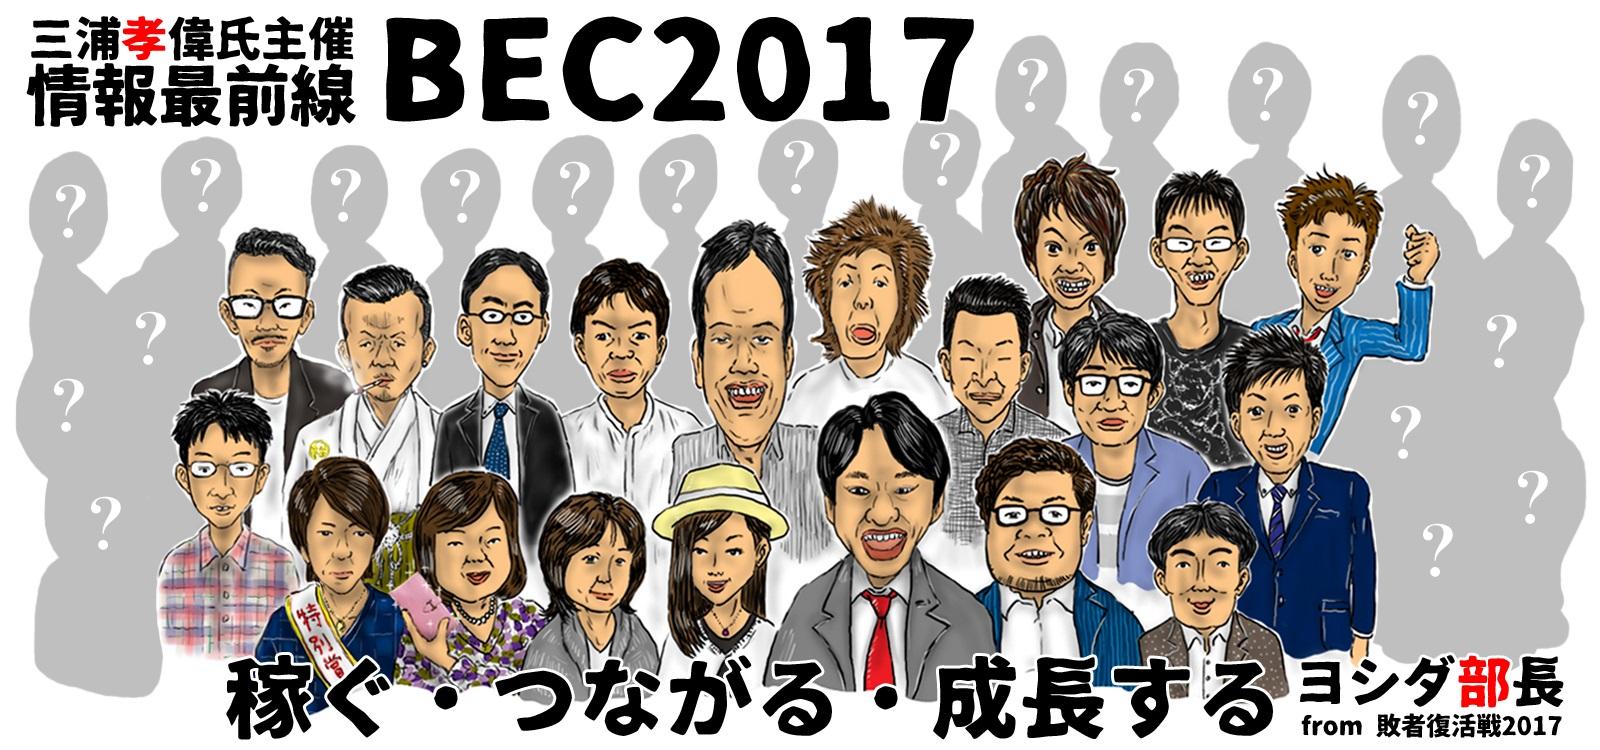 三浦孝偉 氏主催 BEC2017 情報最前線